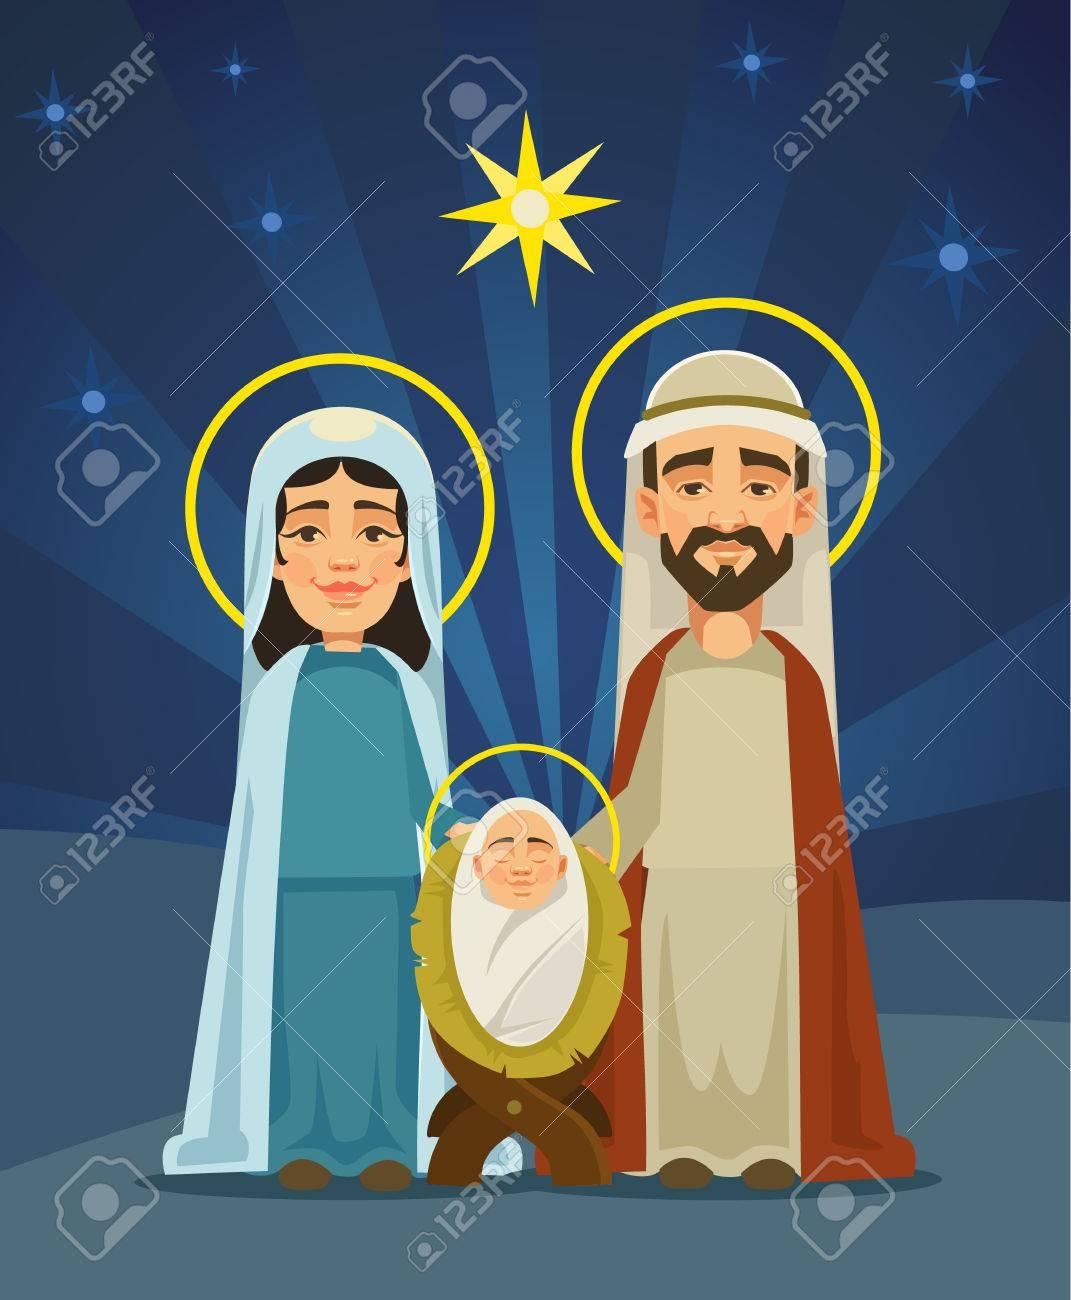 Imagenes Sagrada Familia Navidad.Escena De Navidad Sagrada Familia Nacimiento De Cristo Vector Ilustracion De Dibujos Animados Plana